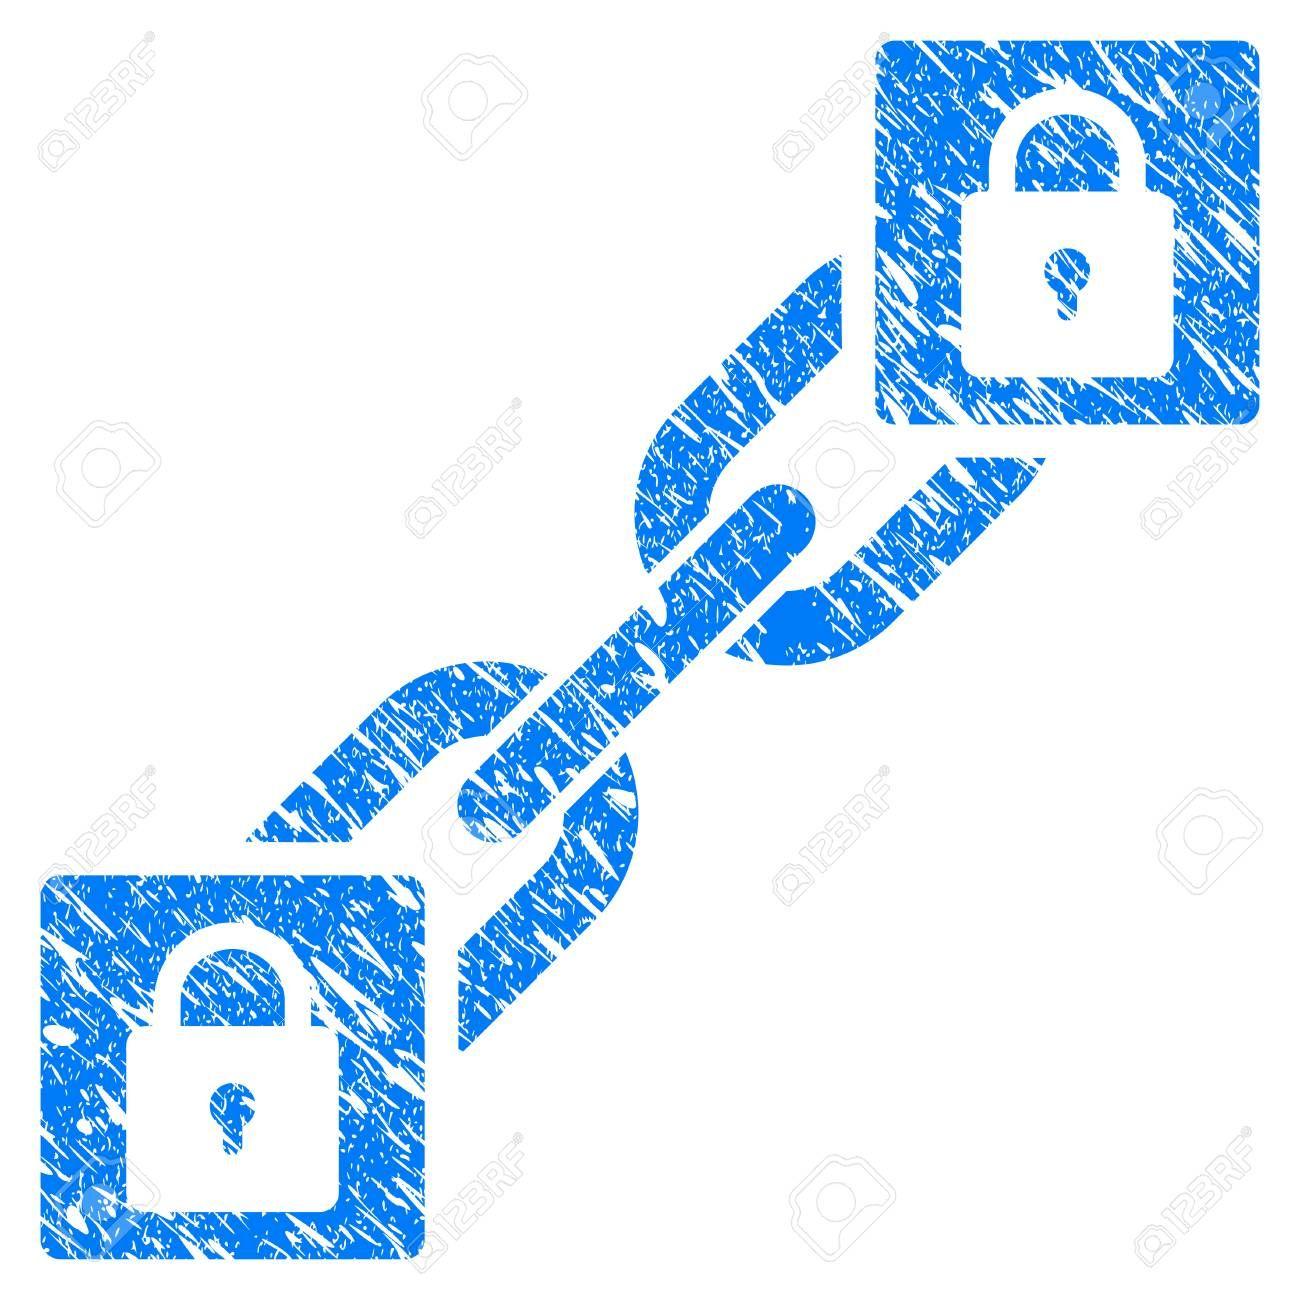 Grunge Lock Blockchain rubber seal stamp watermark. Icon